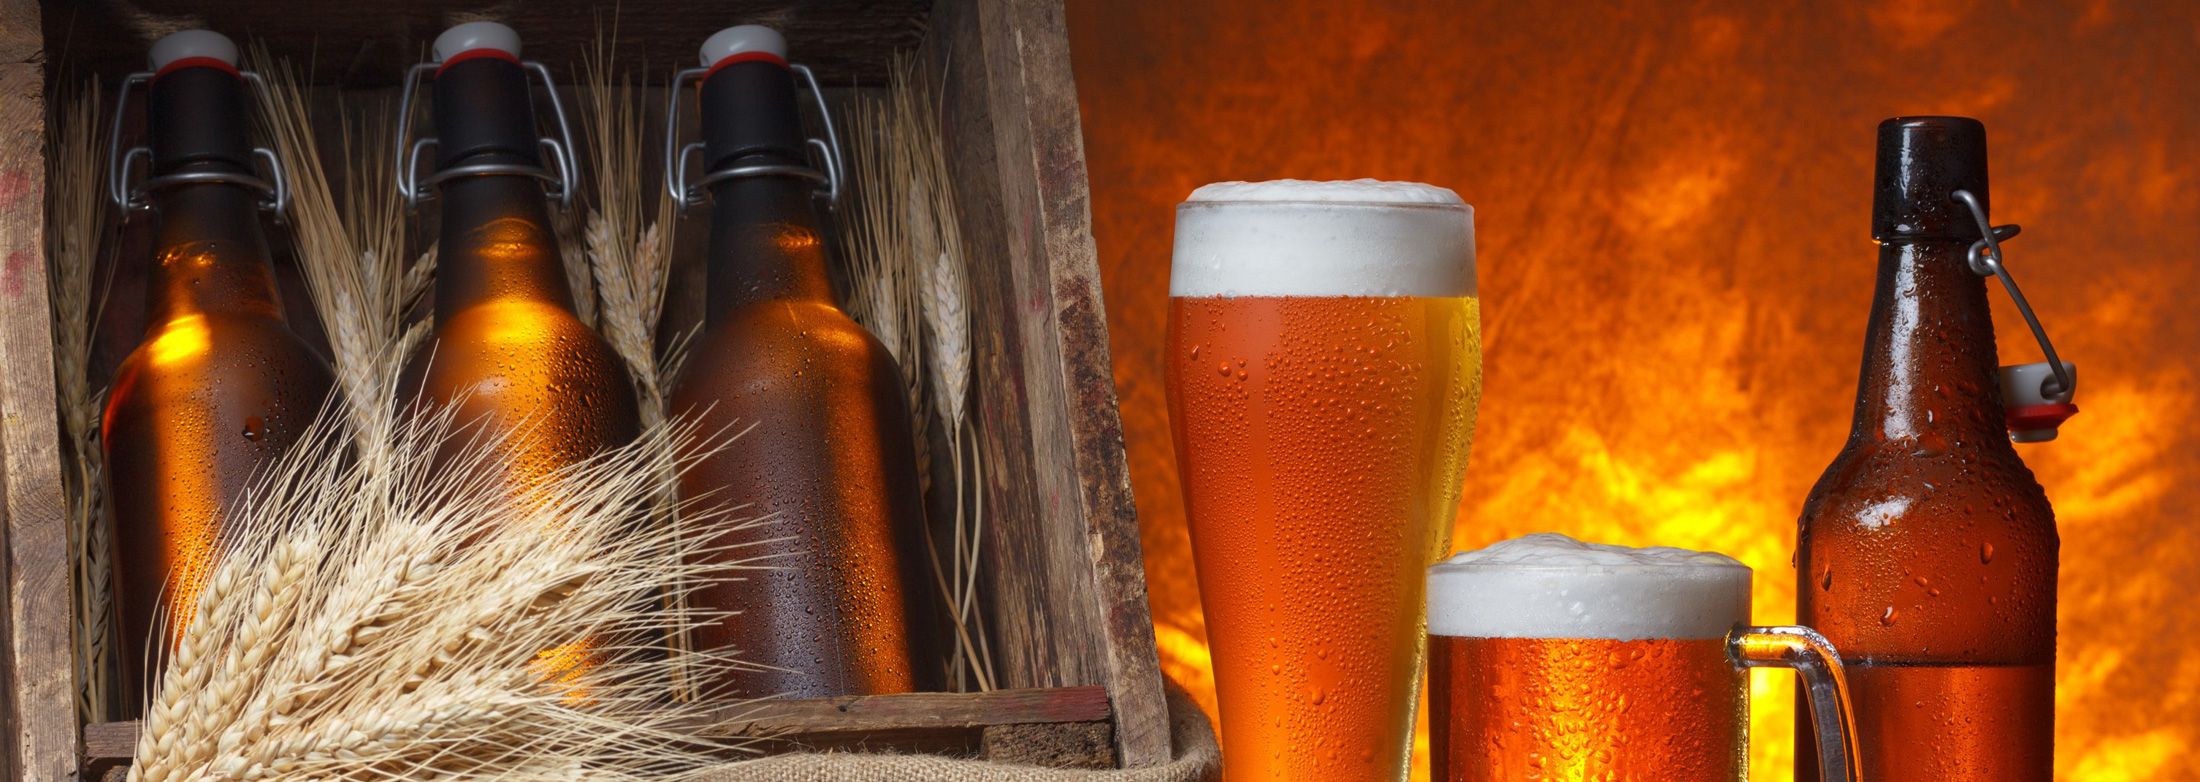 Вкусовые и ароматные дефекты в пиве